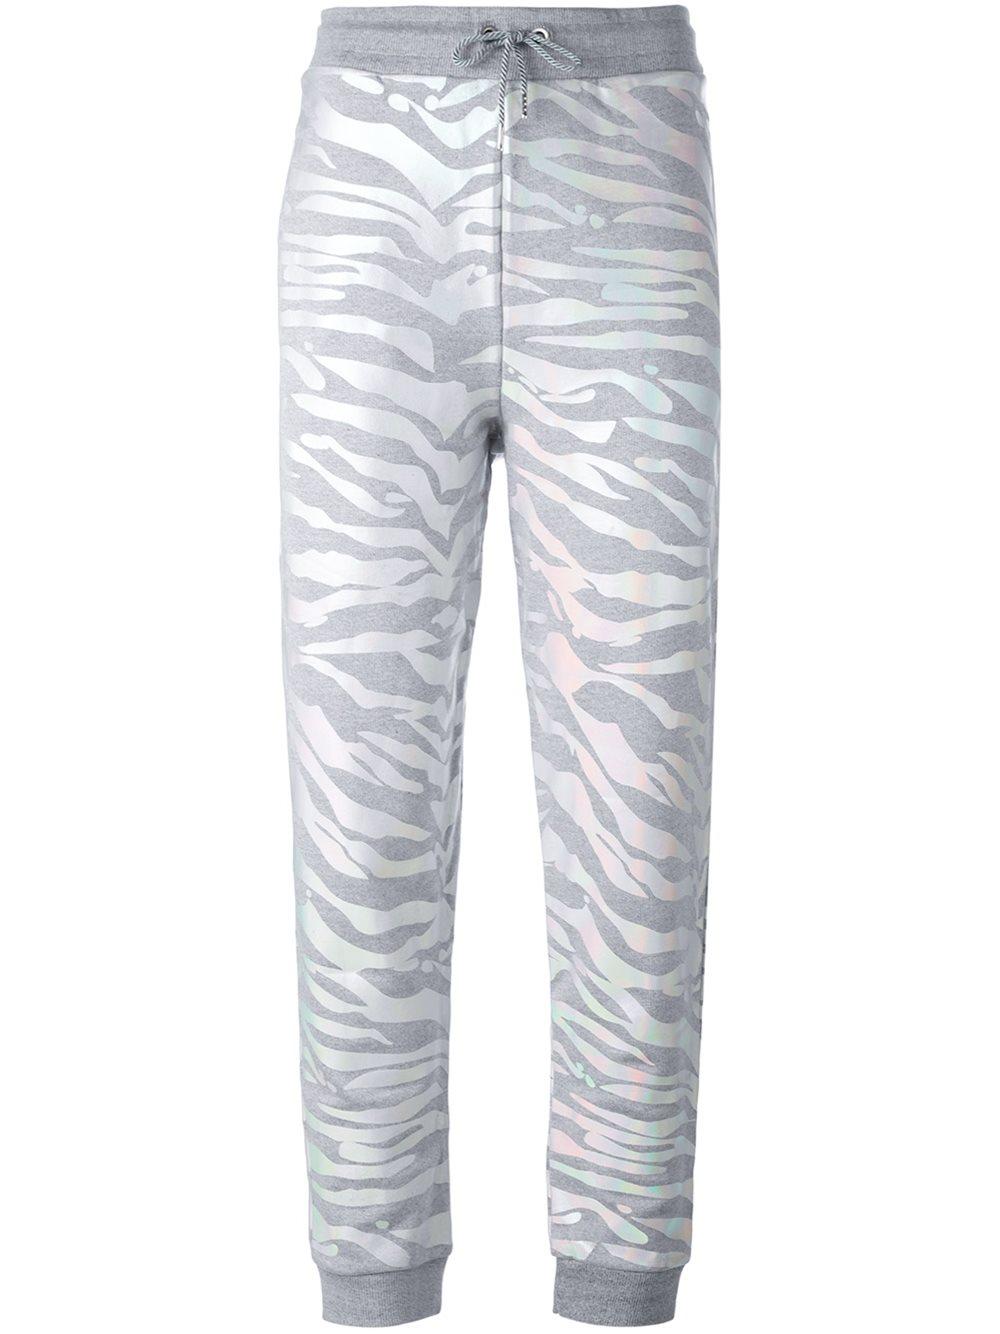 Kenzo-Femme Vêtements-Pantalons de Jogging Pas Cher Soldes Outlet ... 9c15075cca5